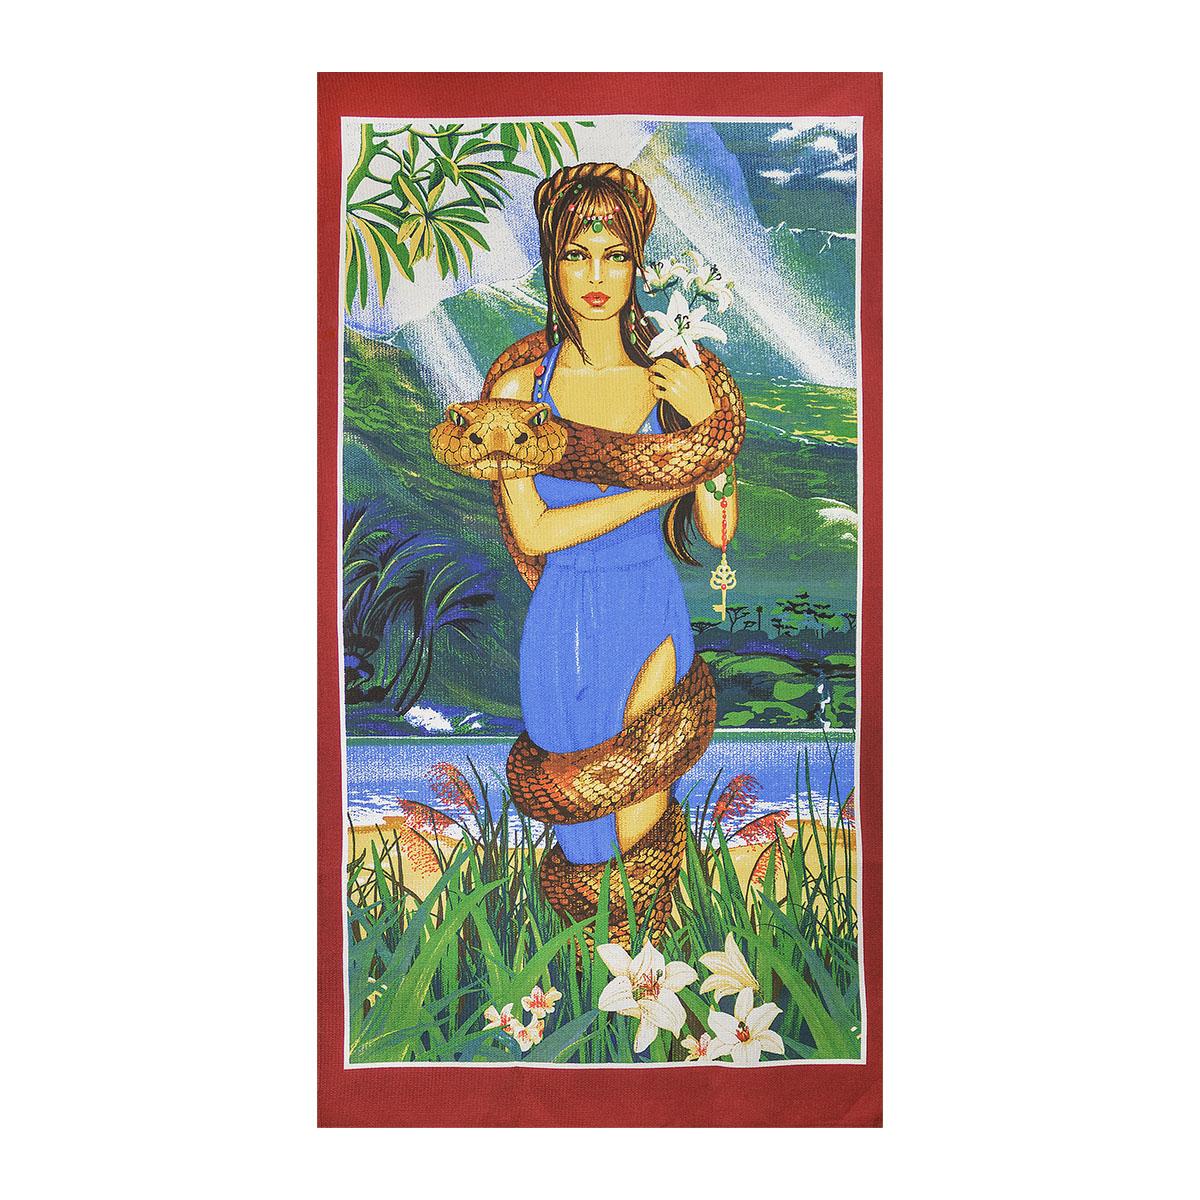 Вафельное полотенце Девушка со змеей, размер 75х150 см.Вафельные полотенца<br><br><br>Тип: Вафельное полотенце<br>Размер: 75х150<br>Материал: Вафельное полотно